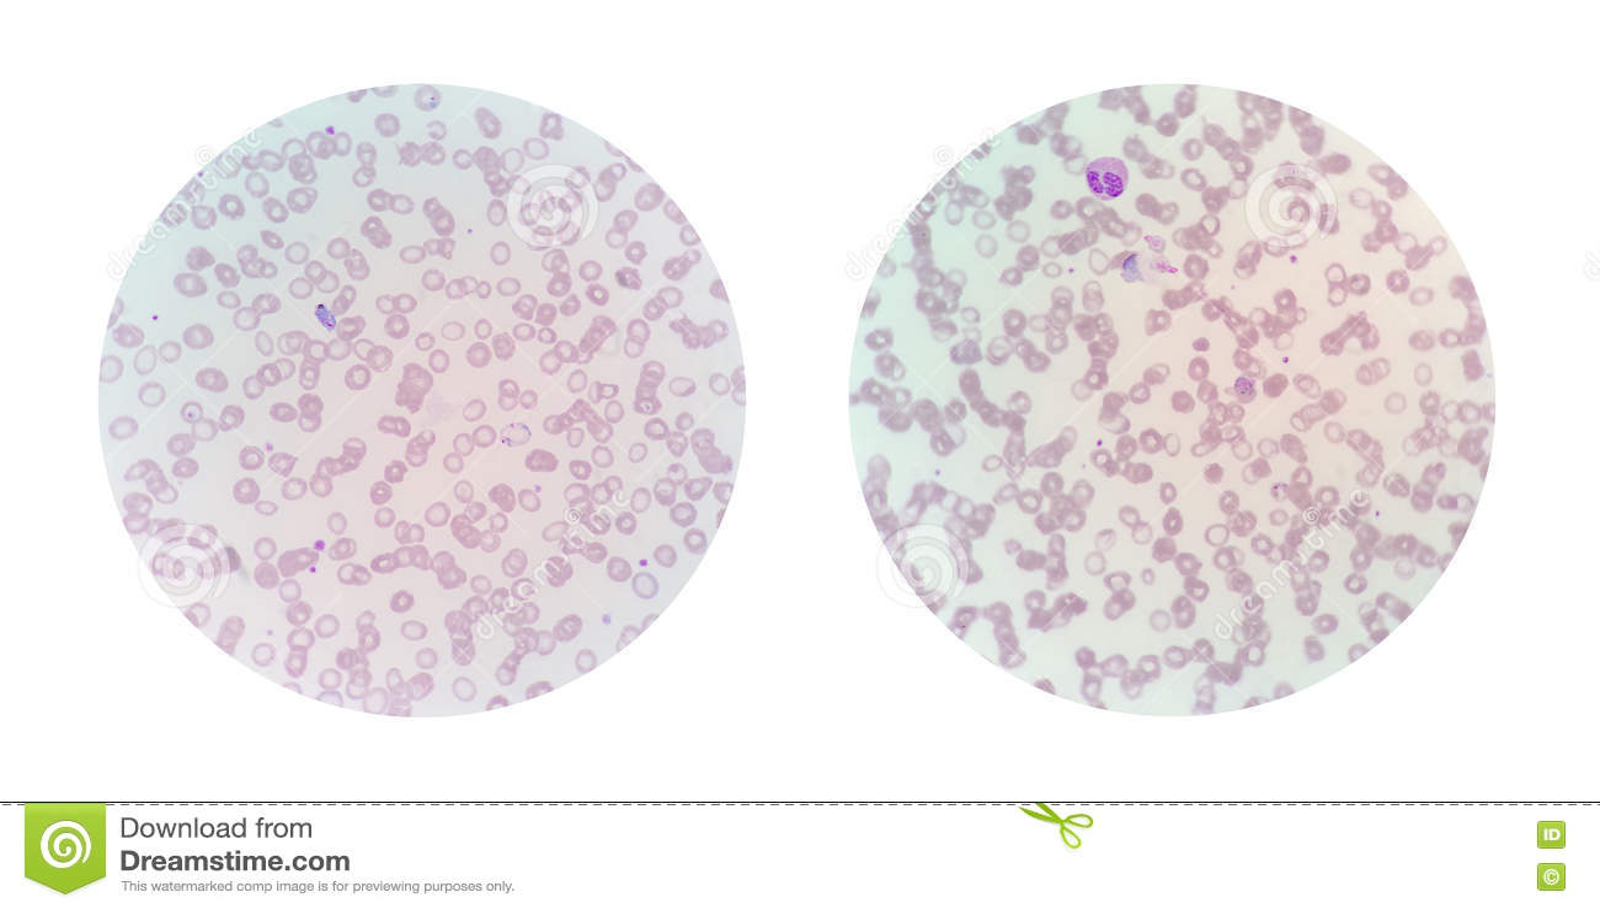 Mikroskopijni widoki cienki krwionośny rozmaz od malarii infekowali pa